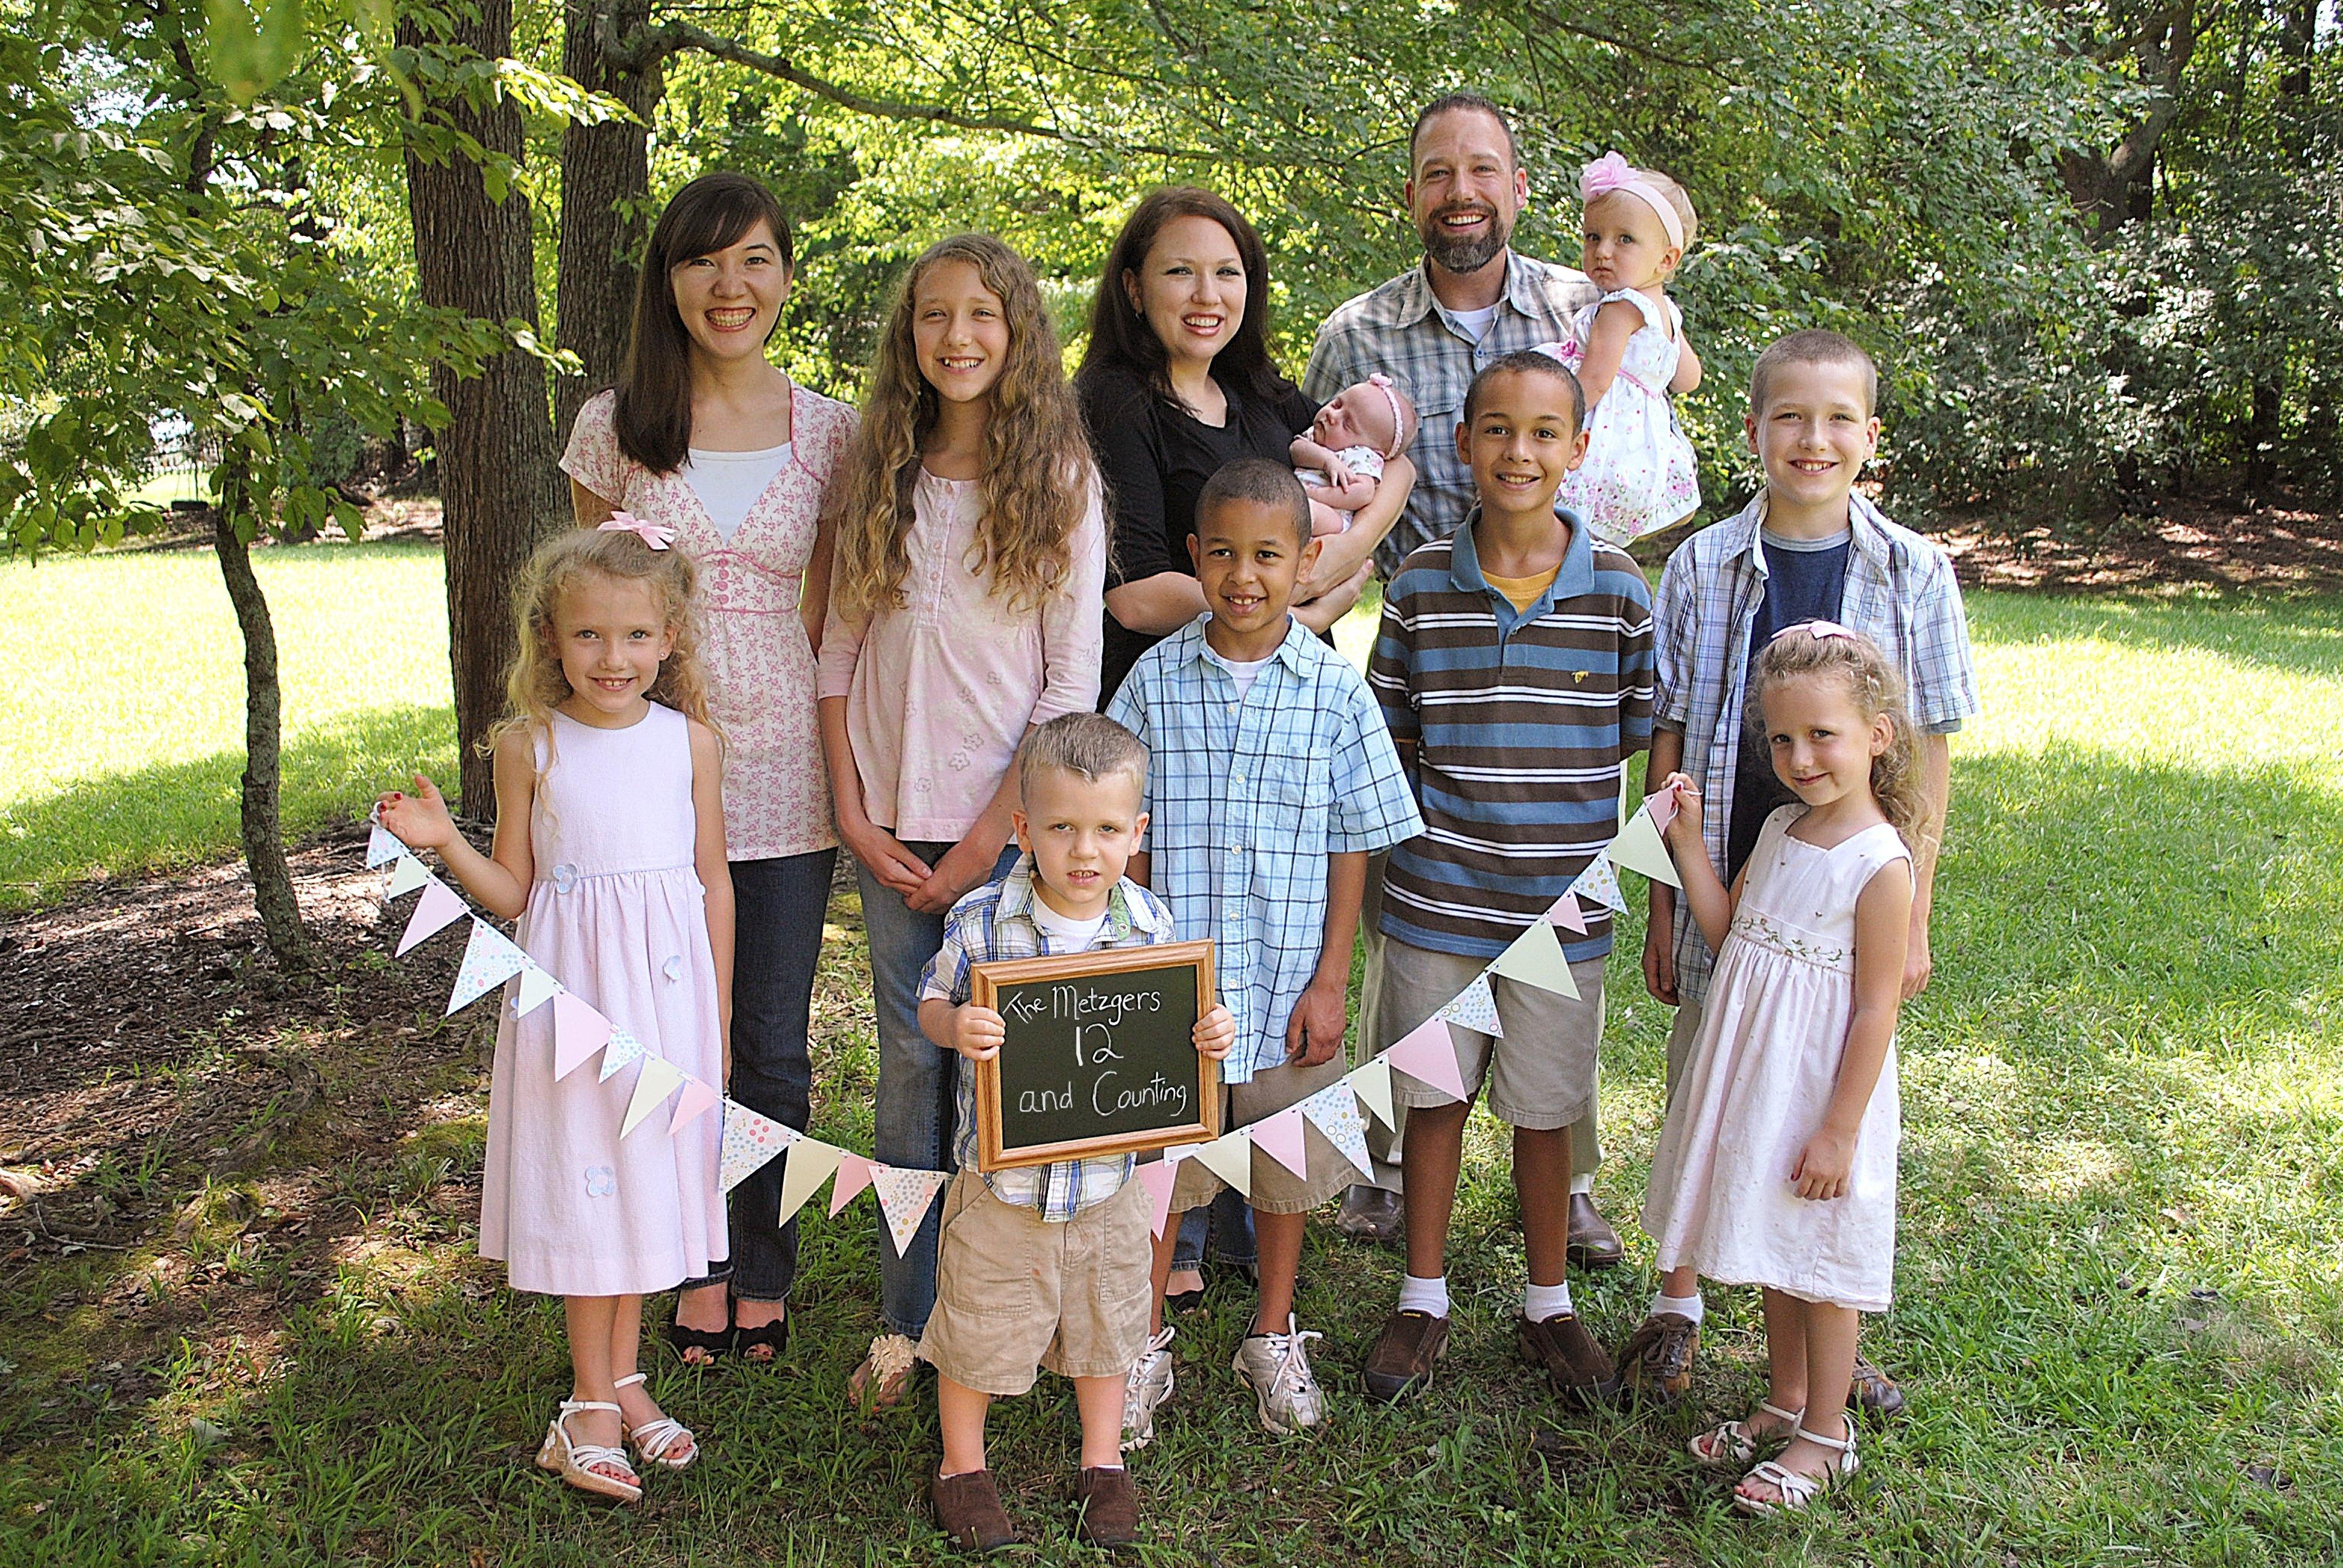 10 Awesome Large Family Photo Clothing Ideas v 3872x2592 inspiration family large pinterest group 2021